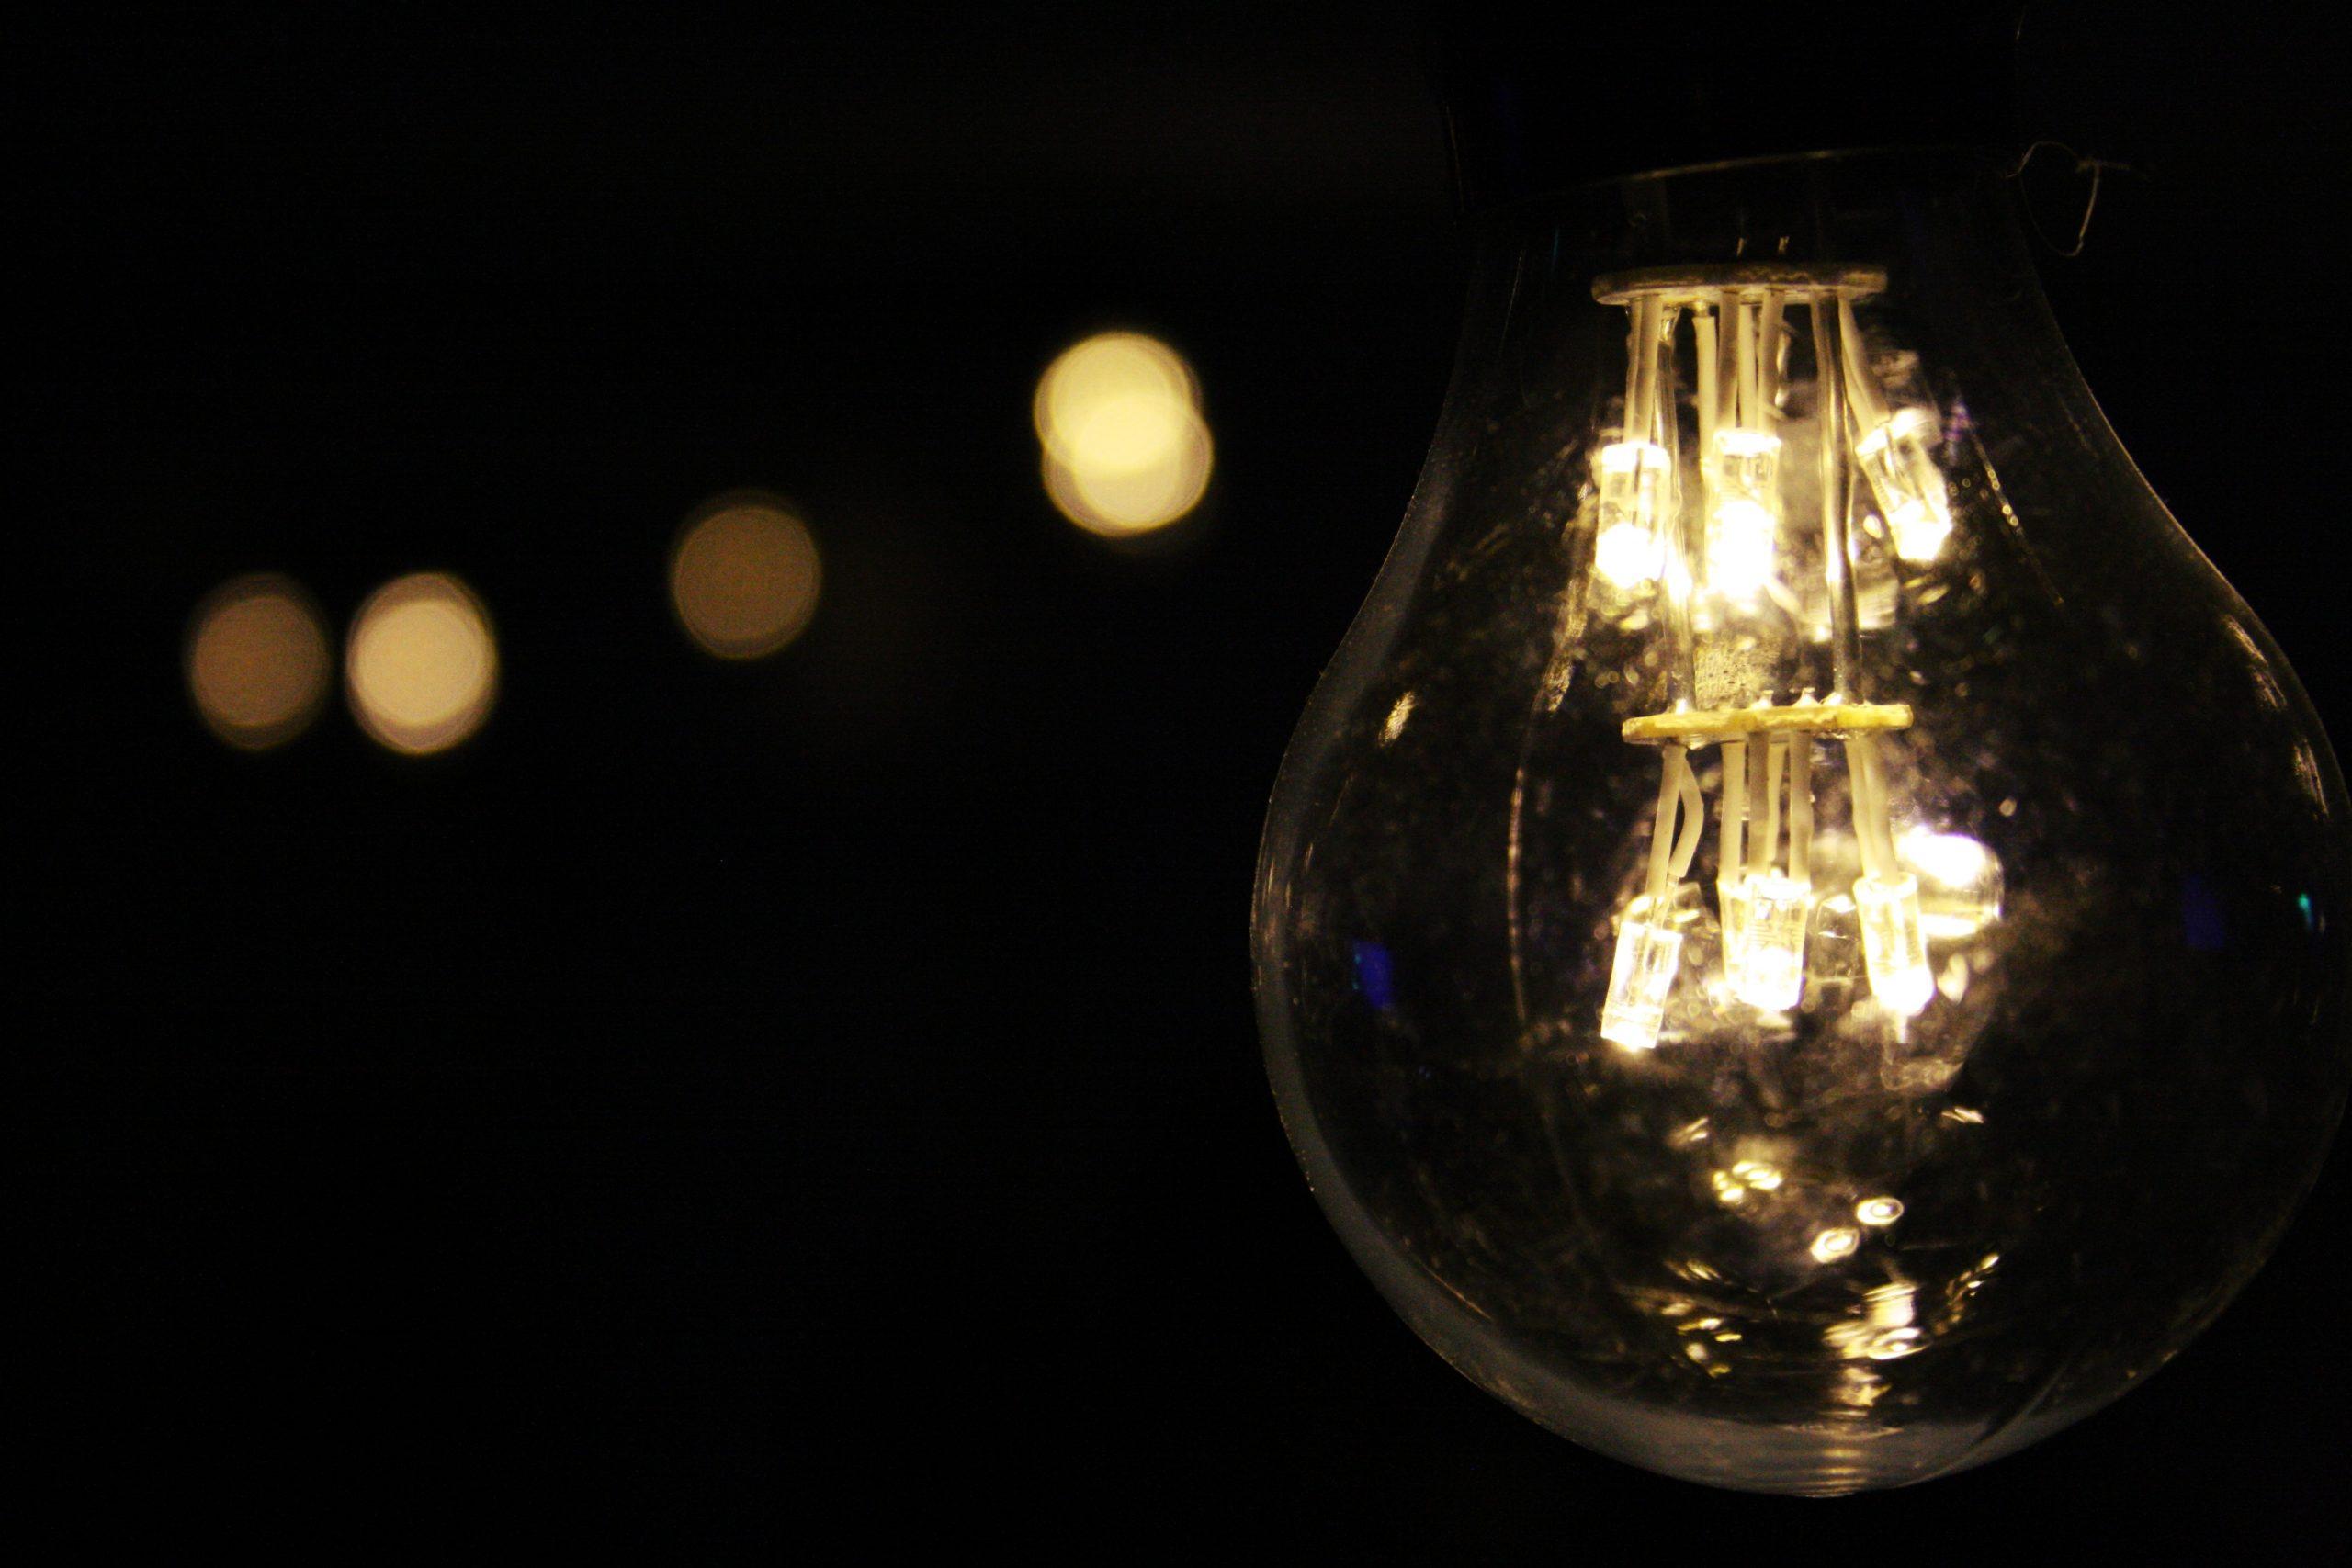 黑夜裡發光的燈泡